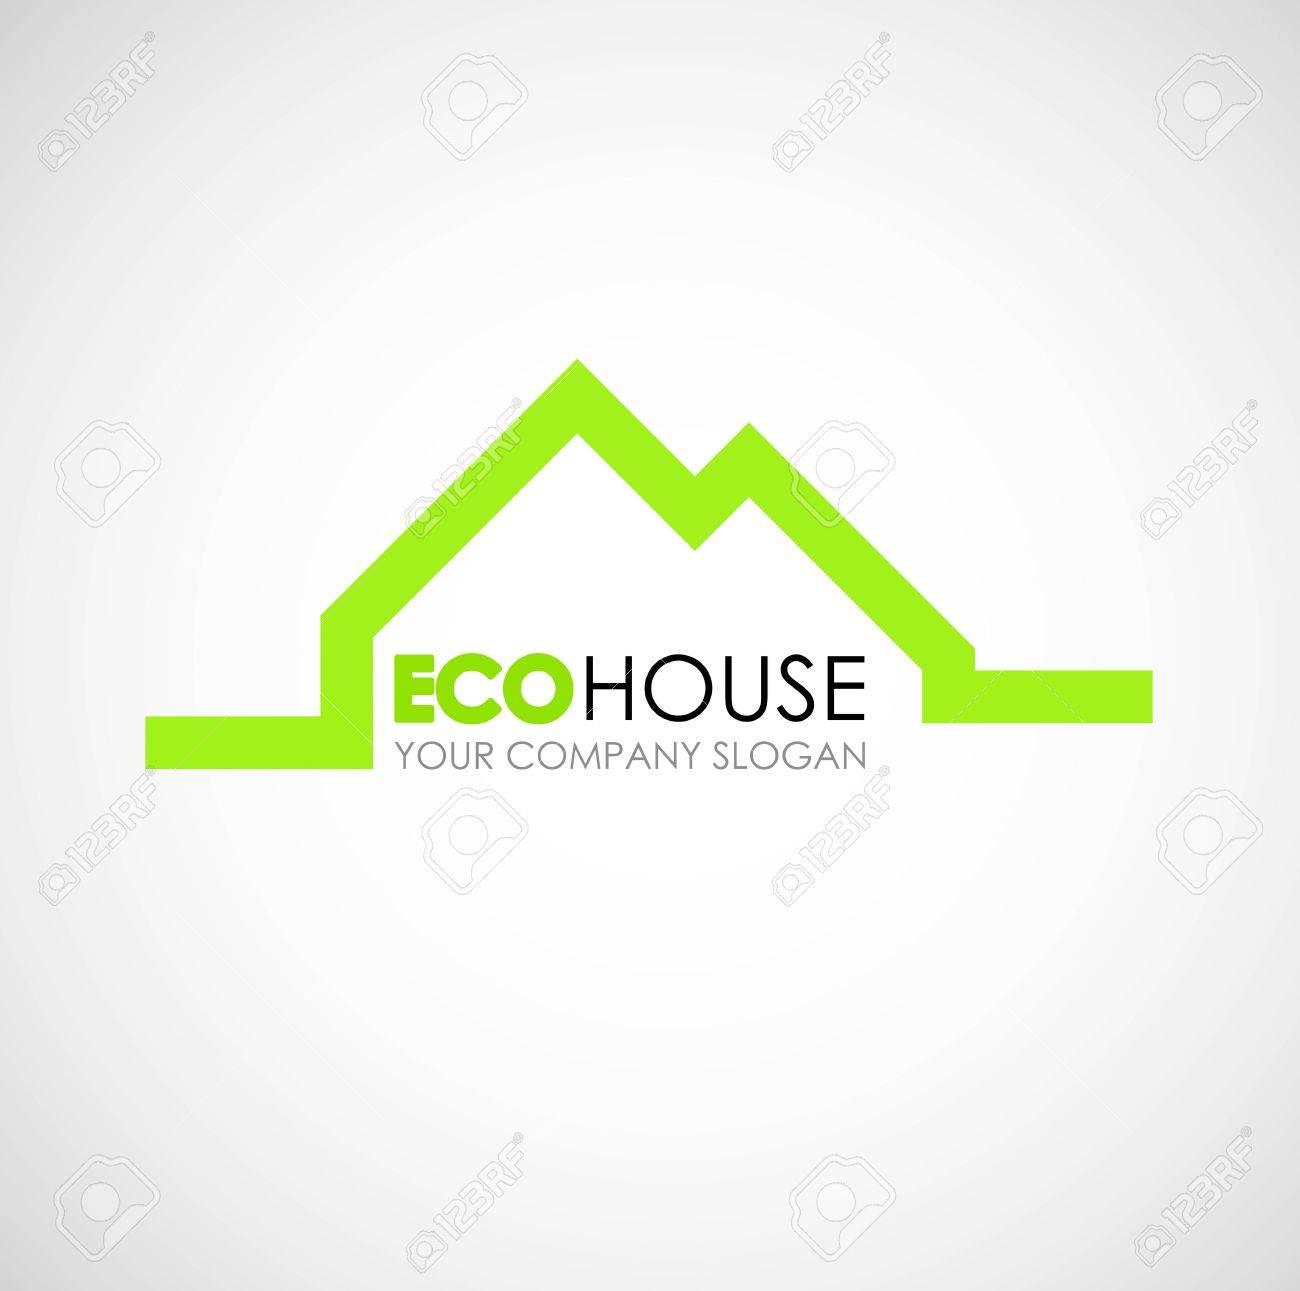 Eco House Logo Design. Ecological Construction Idea. Eco ...